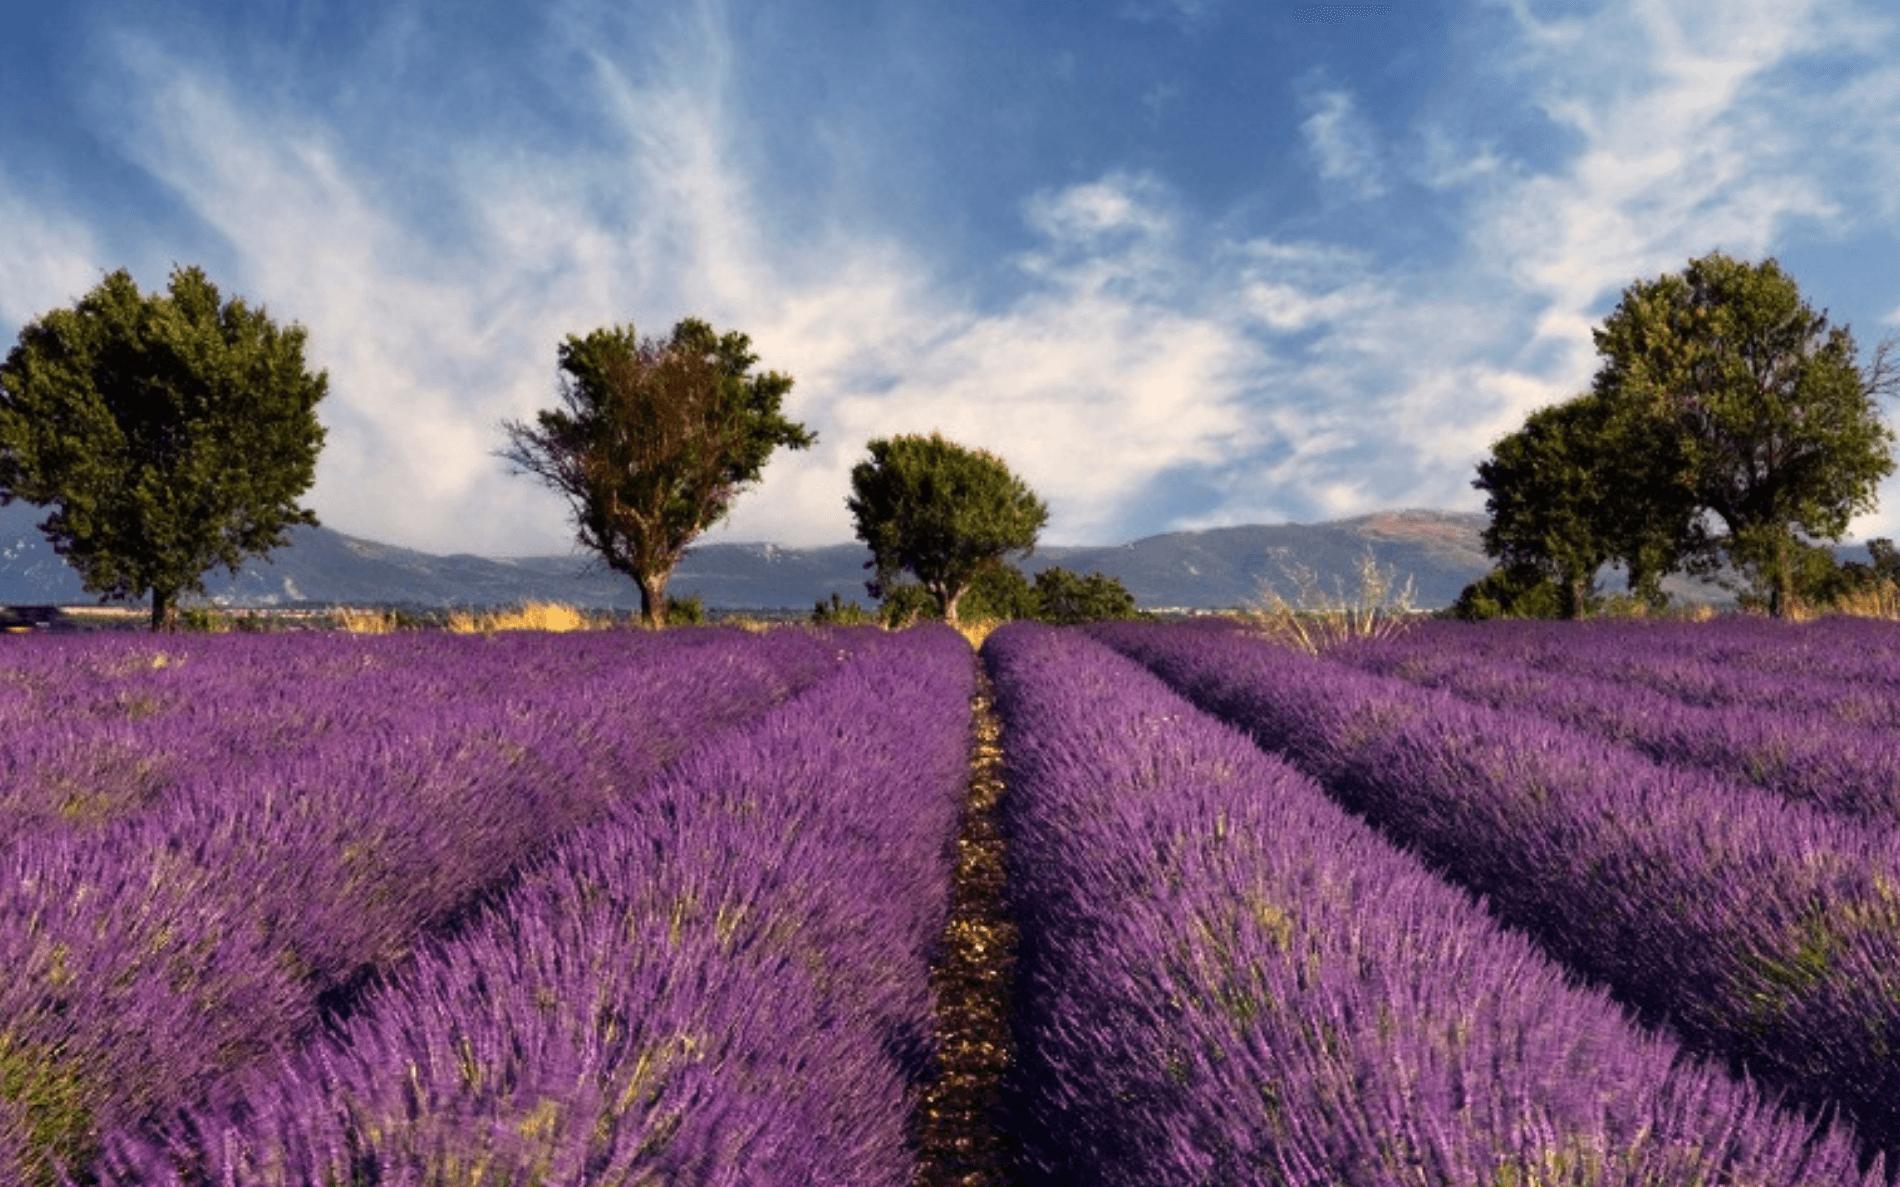 Fietsvakantie met verblijf op campings in de Provence - Frankrijk